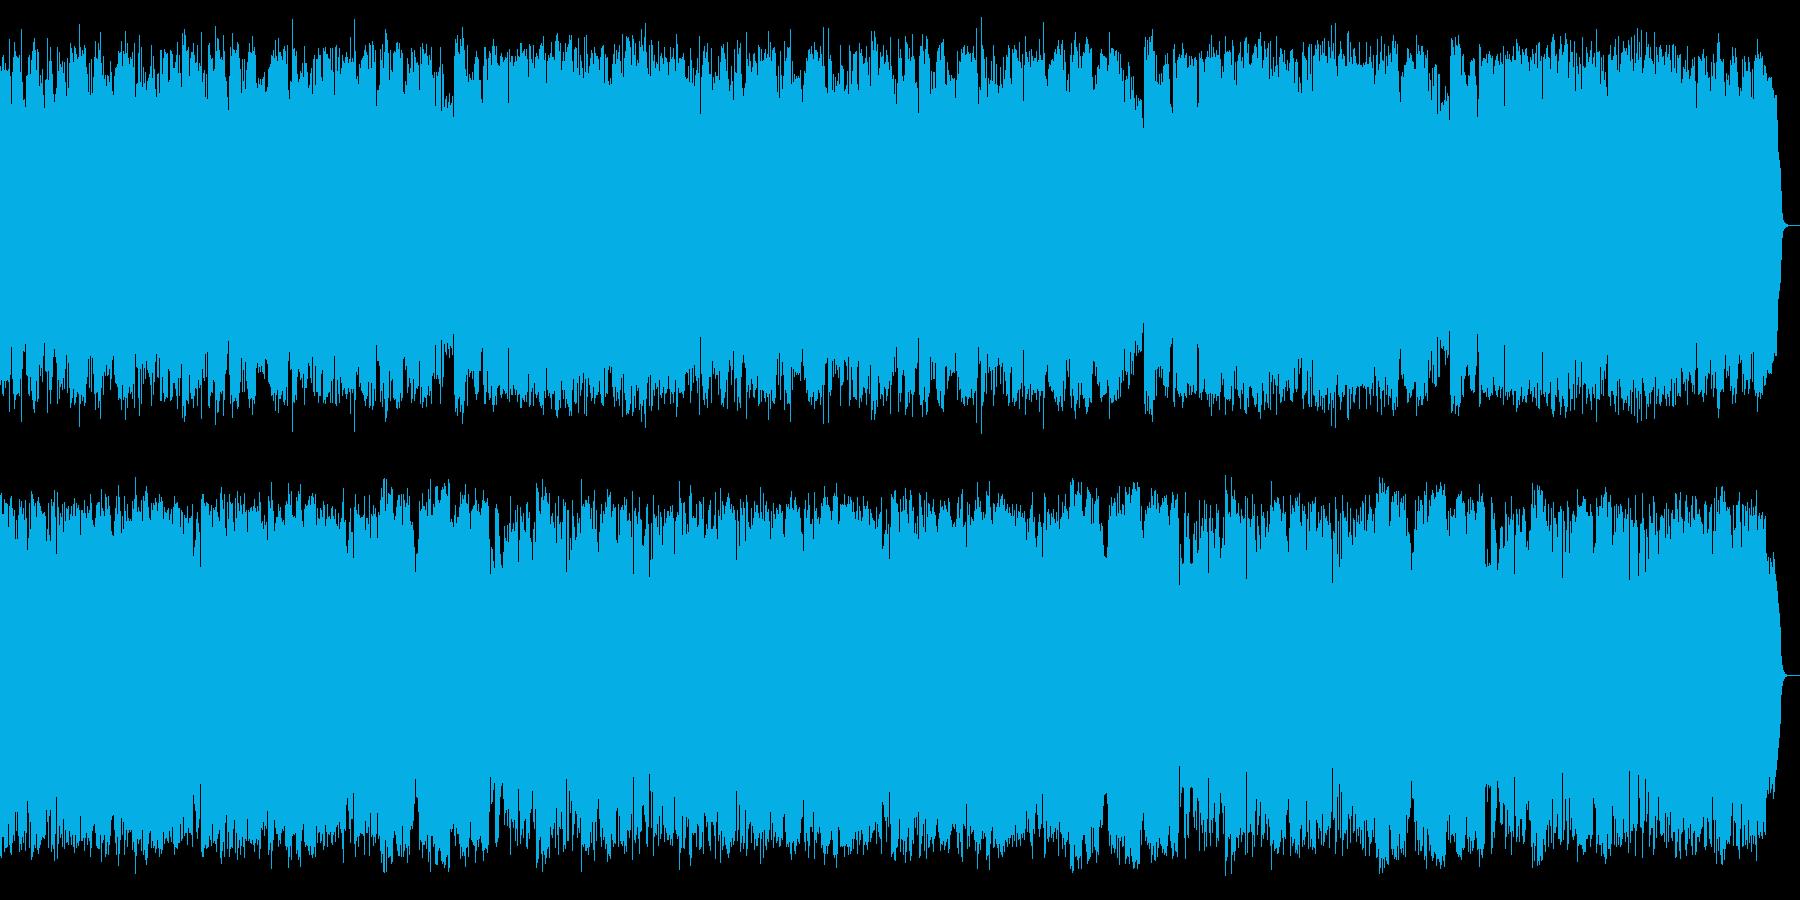 哀愁ムード溢れる昭和歌謡をサックスが演奏の再生済みの波形